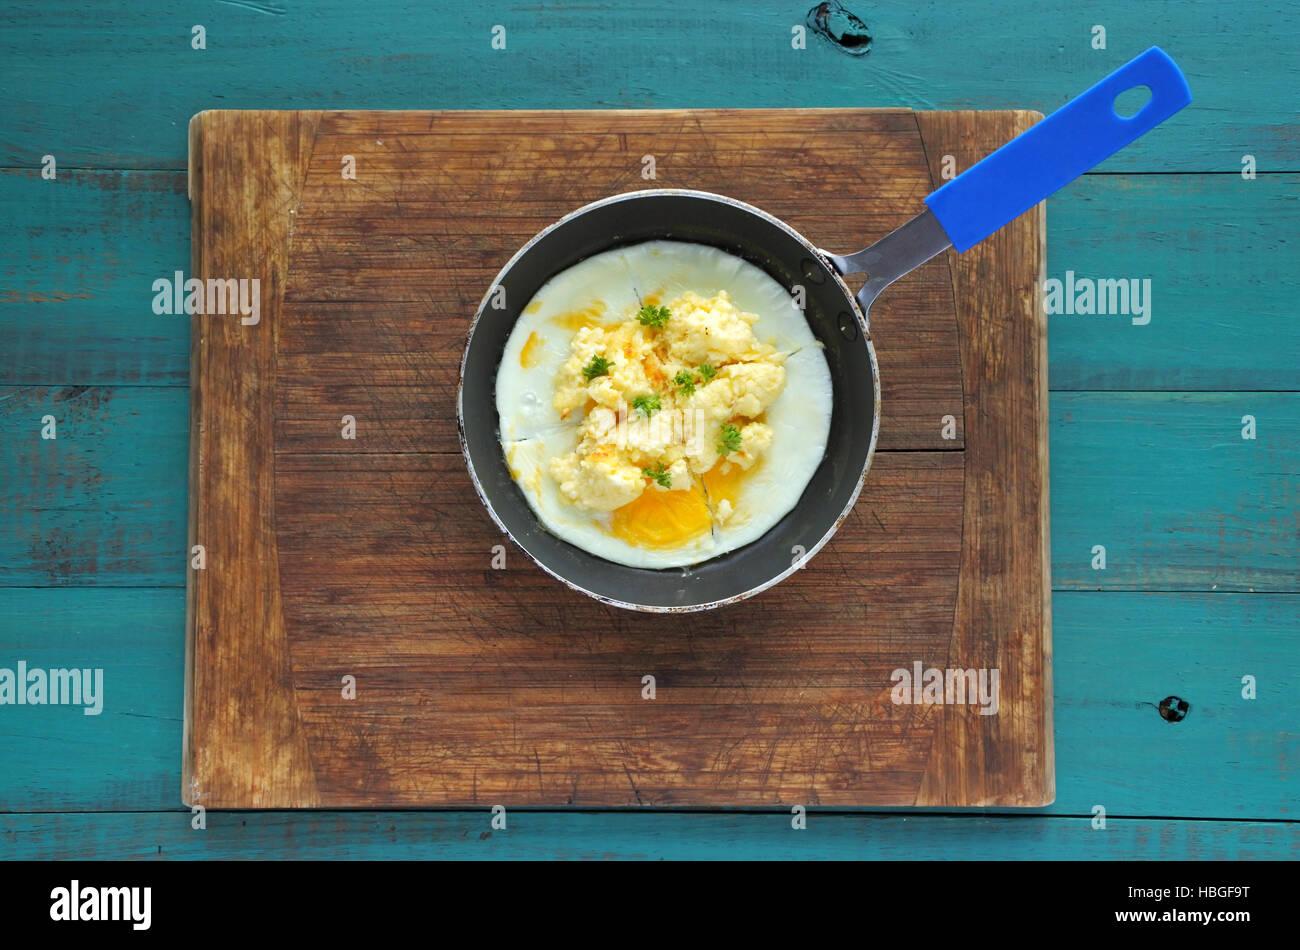 Lay piatto di uova strapazzate in un rustico di penna. Food texture di sfondo. spazio copia Immagini Stock